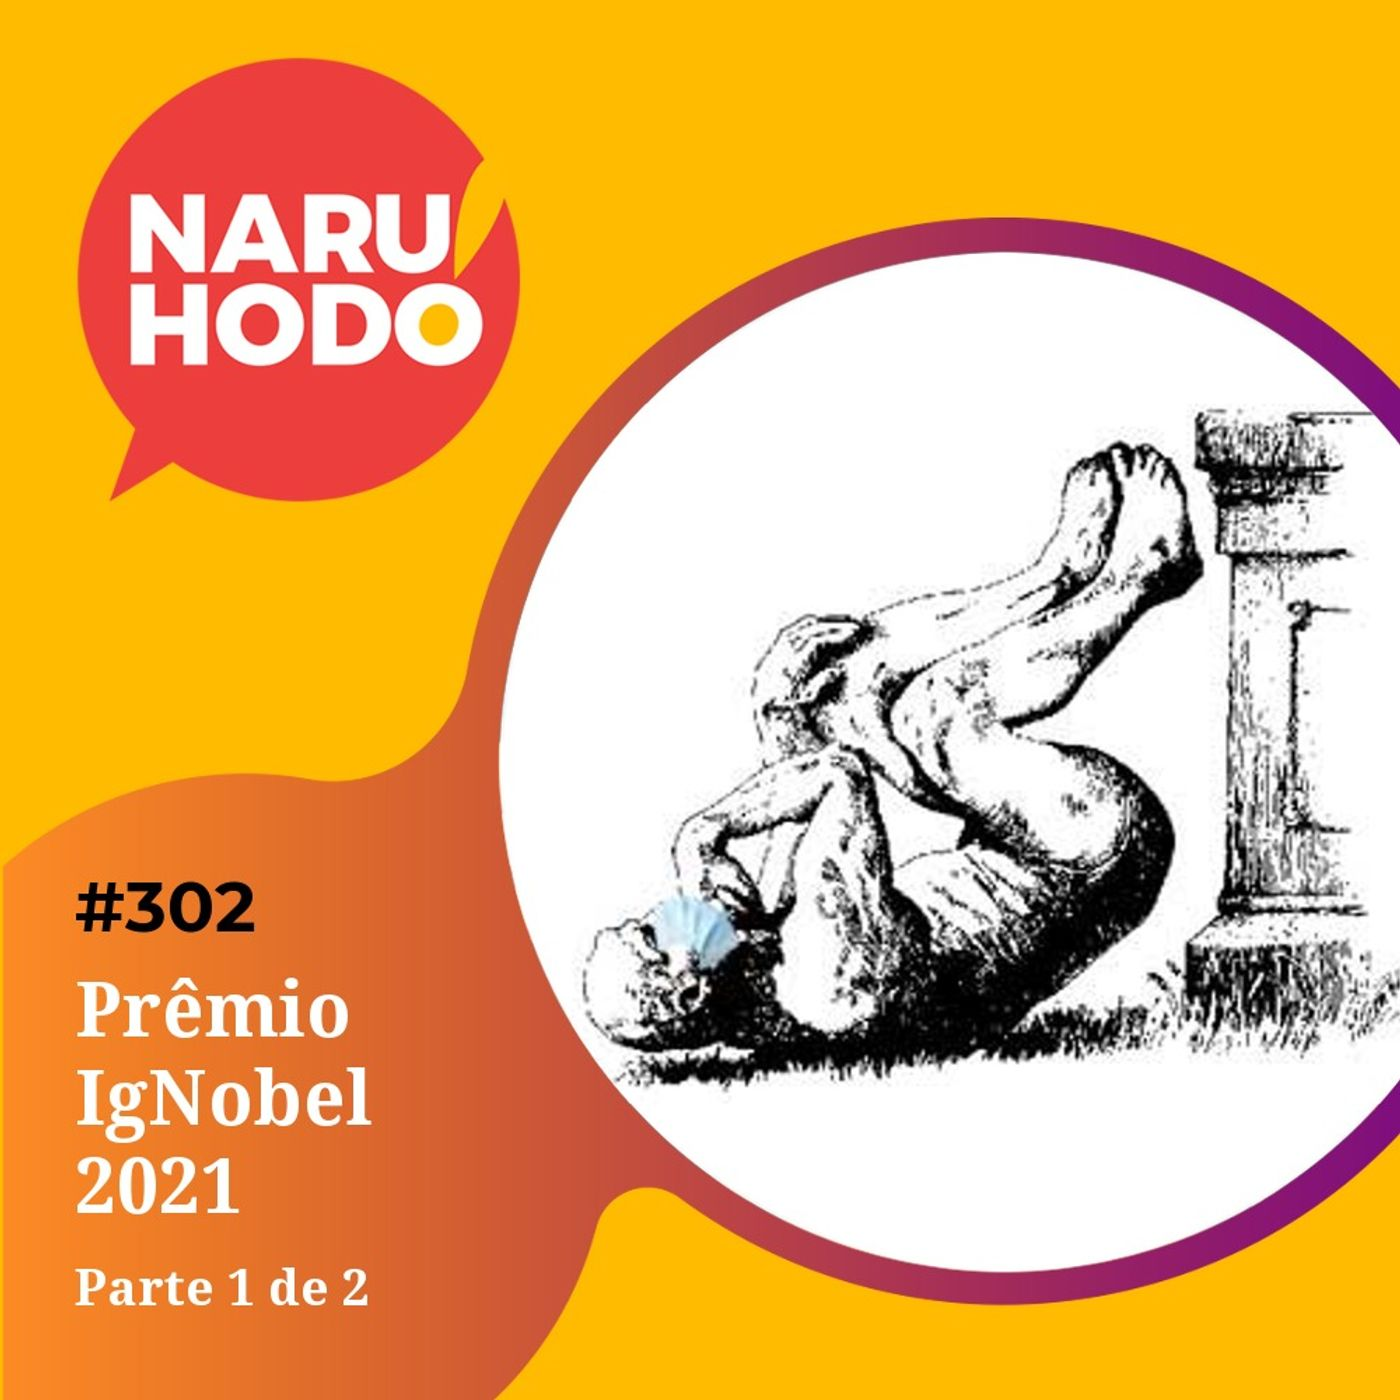 Naruhodo #302 - Prêmio IgNobel 2021 - Parte 1 de 2